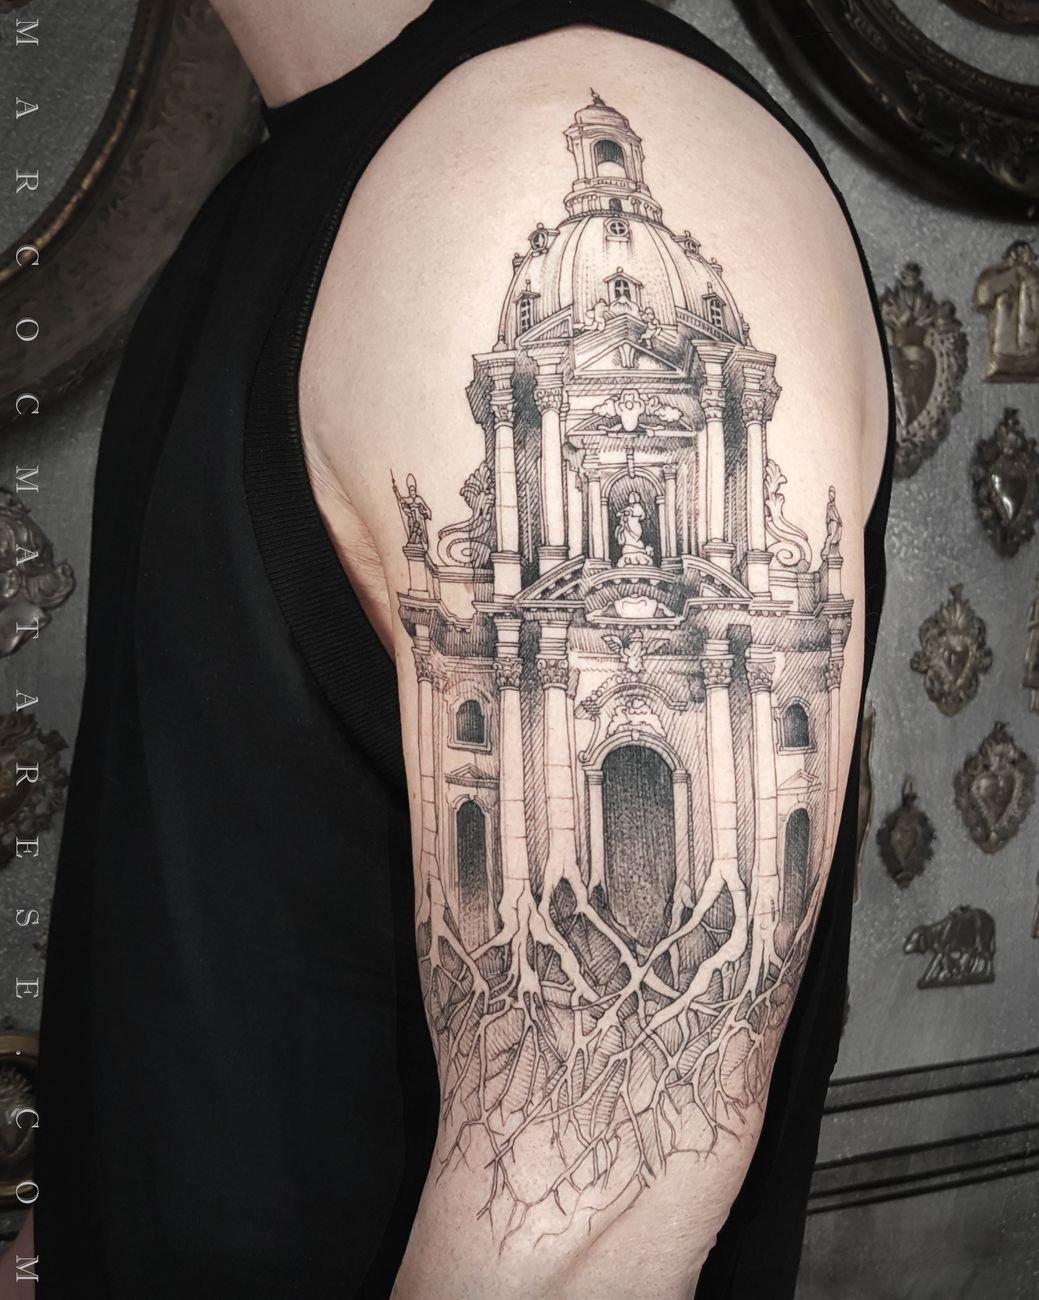 Puro Tattoo Studio, tattoo by Marco C. Matarese